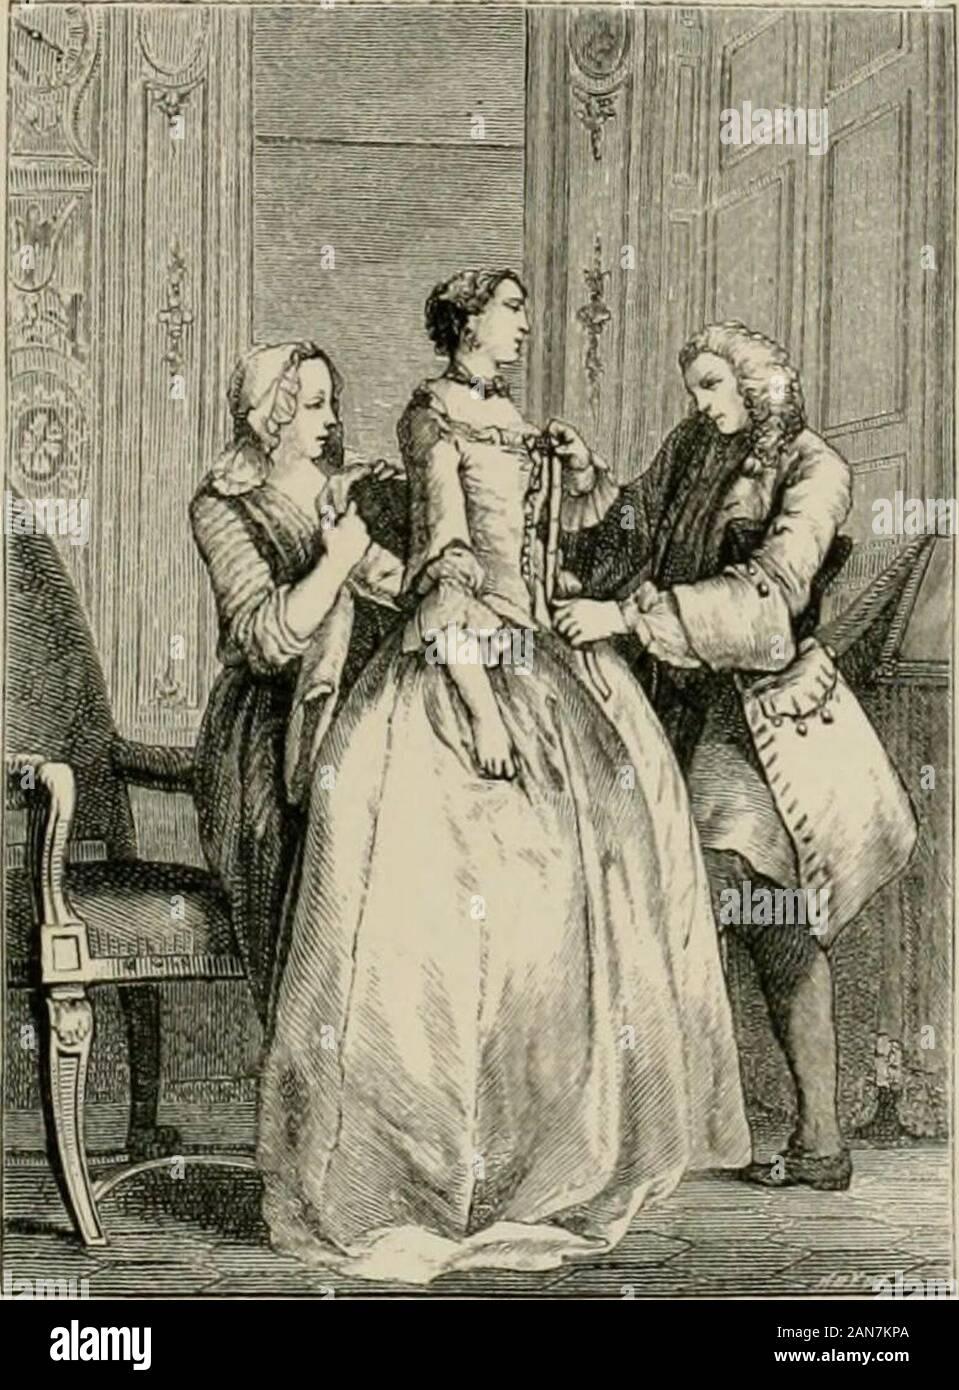 Le Xviiième siècle, ses institutions, les coutumes, les costumes et la France, 1700-1789 . a la Henri IV pour les hommes n'ont pas anybetter, bien que les dirigeants de la mode, à la demande de l'ComtedArtois et Marie-Antoinette, essayé d'introduire, comme il aCourt-robe, à la salle de spectacles donnés par les Princes ofblood. Le Comte de Ségur, qui ont pris part à eux, dit: Thiscostume était assez bien pour les jeunes hommes, mais il n'a pas à tous les hommes d'âge suitmiddle, surtout s'ils étaient courts et enclins à la violence-corpu award. Les manteaux de soie, des plumes, des rubans, et des couleurs éclatantes,fait leur le sembler ridic Banque D'Images